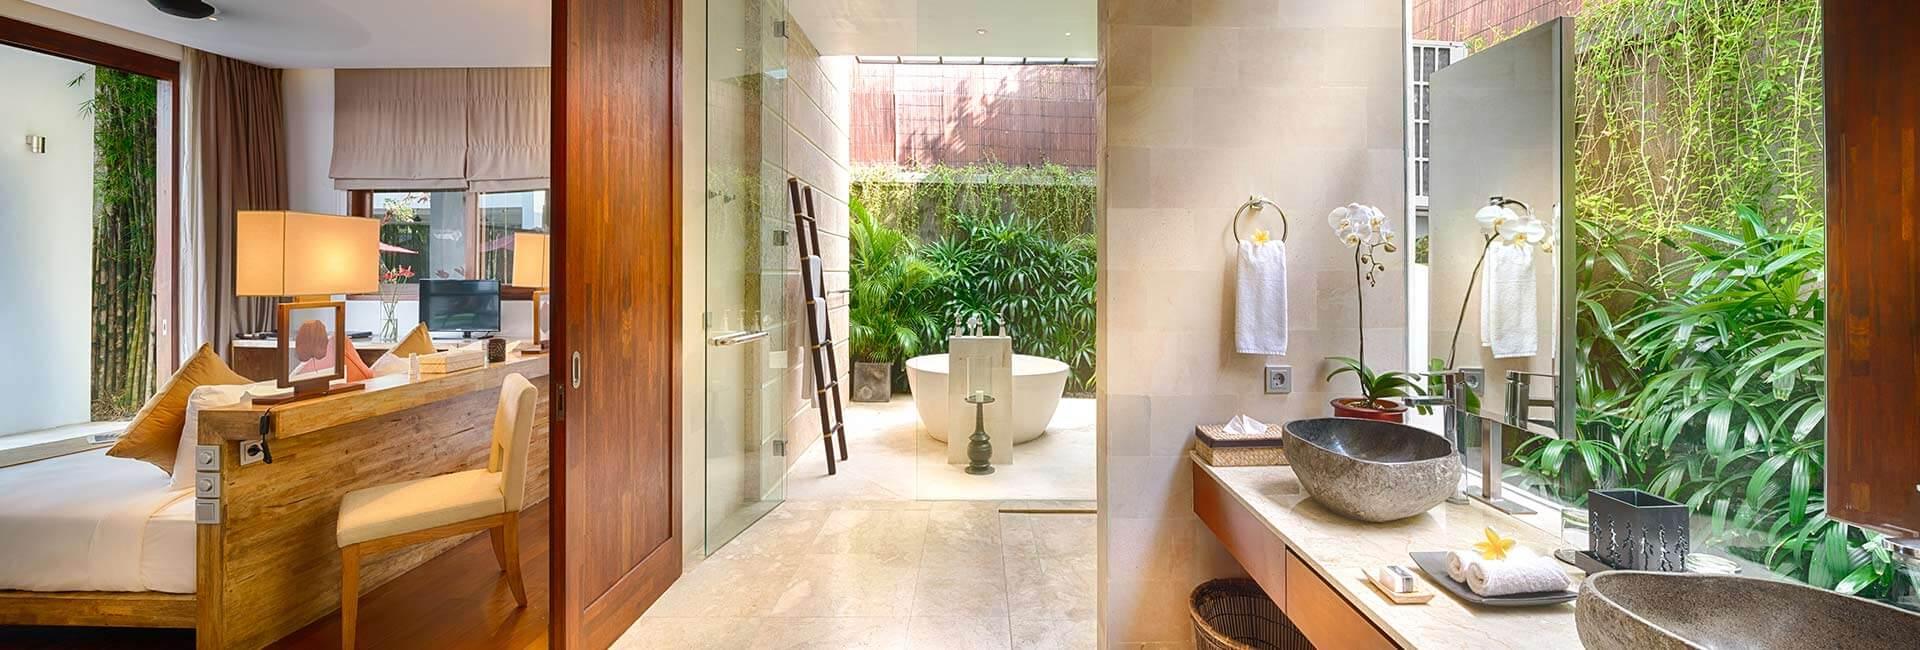 Casa Brio - Master bathroom 1